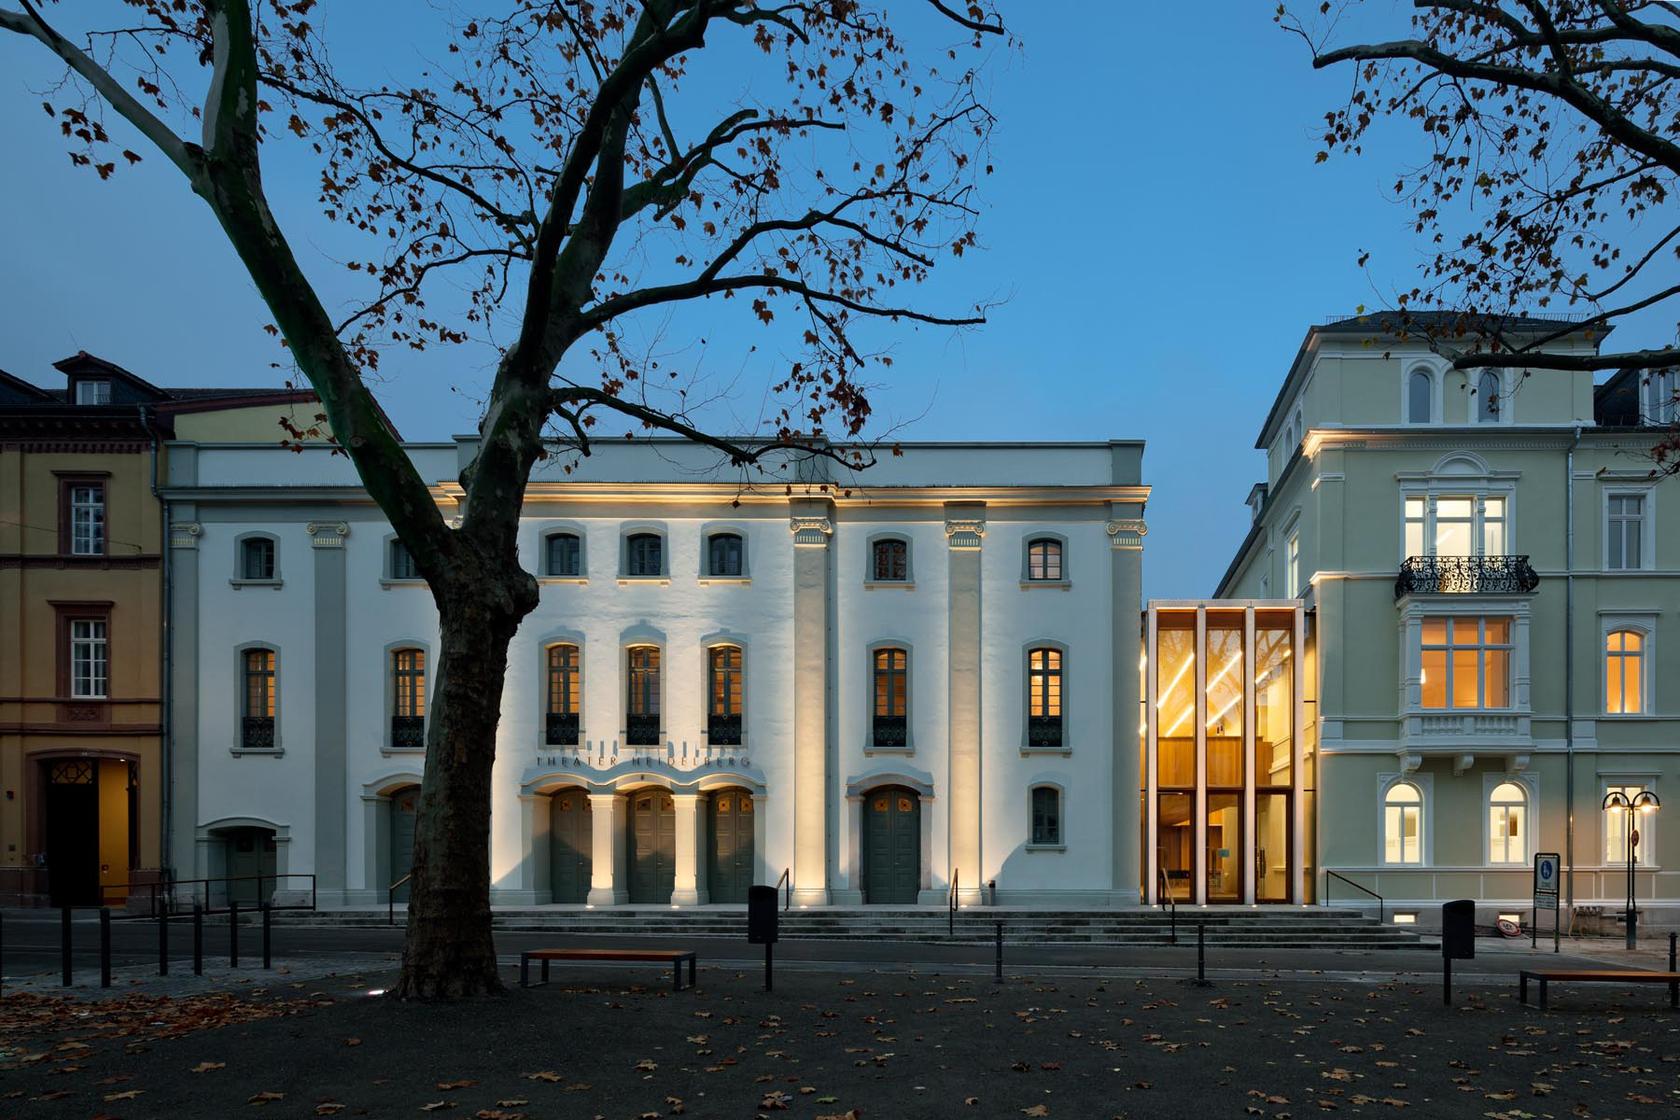 Waechter_Waechter_Theater_Heidelberg